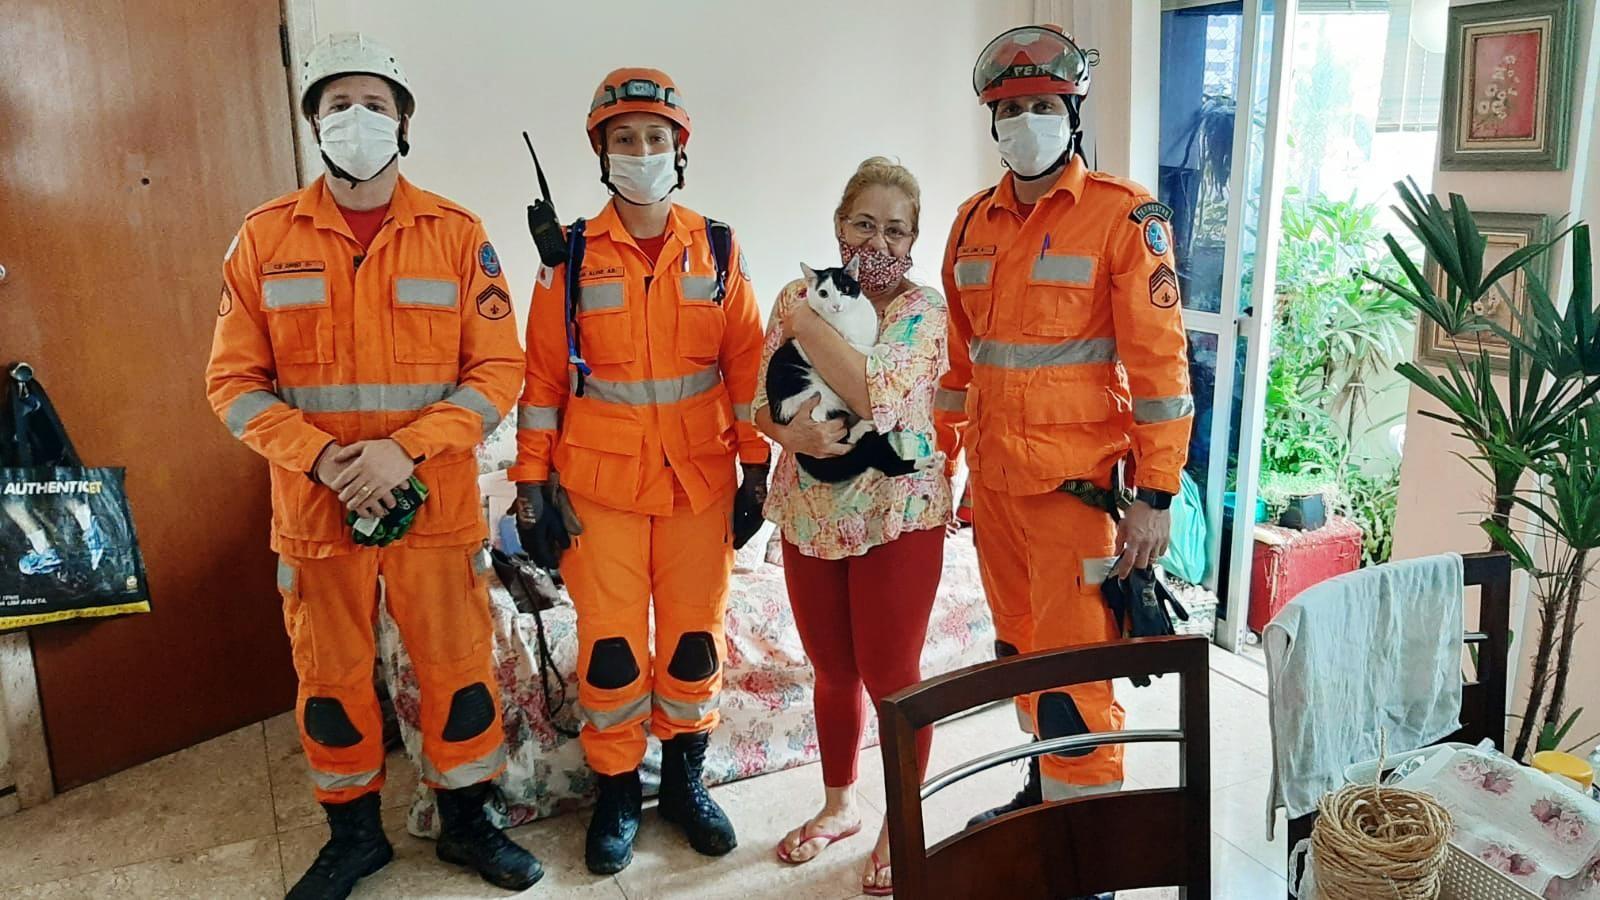 Bombeiros resgatam gatinha que ficou presa durante 5 horas dentro do banheiro, na Região da Pampulha, em Belo Horizonte